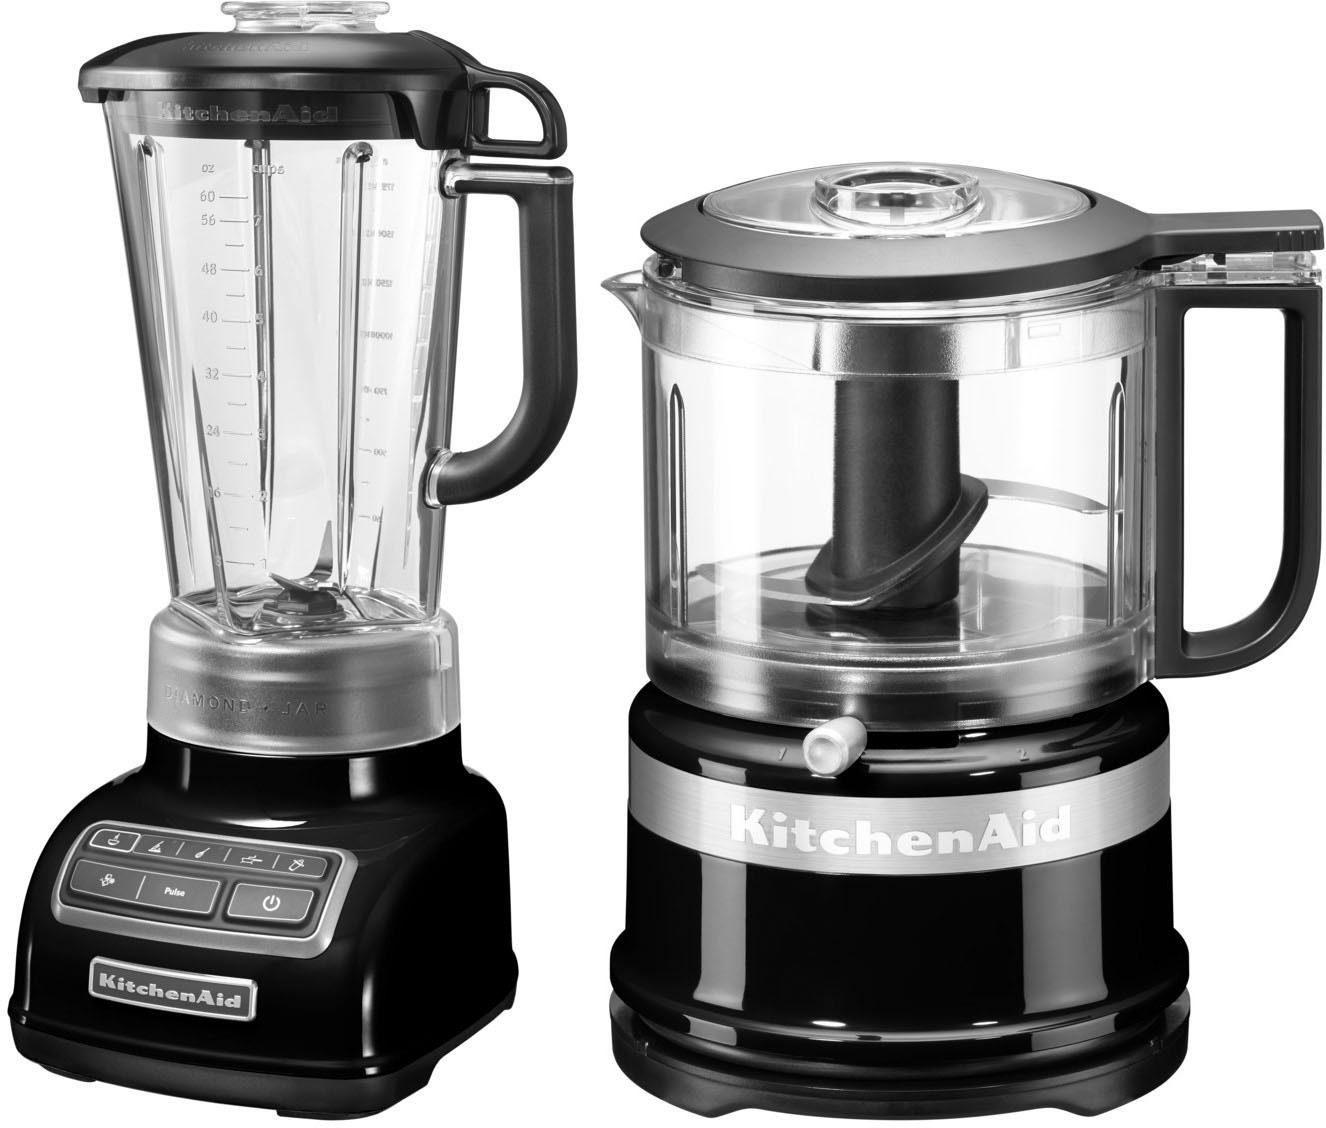 KitchenAid Standmixer 5KSB1585EOB und Mini Zerkleinerer 5KFC3516, 550 W, Vorteilsset: Du sparst gegenüber Einzelkauf 62,90€